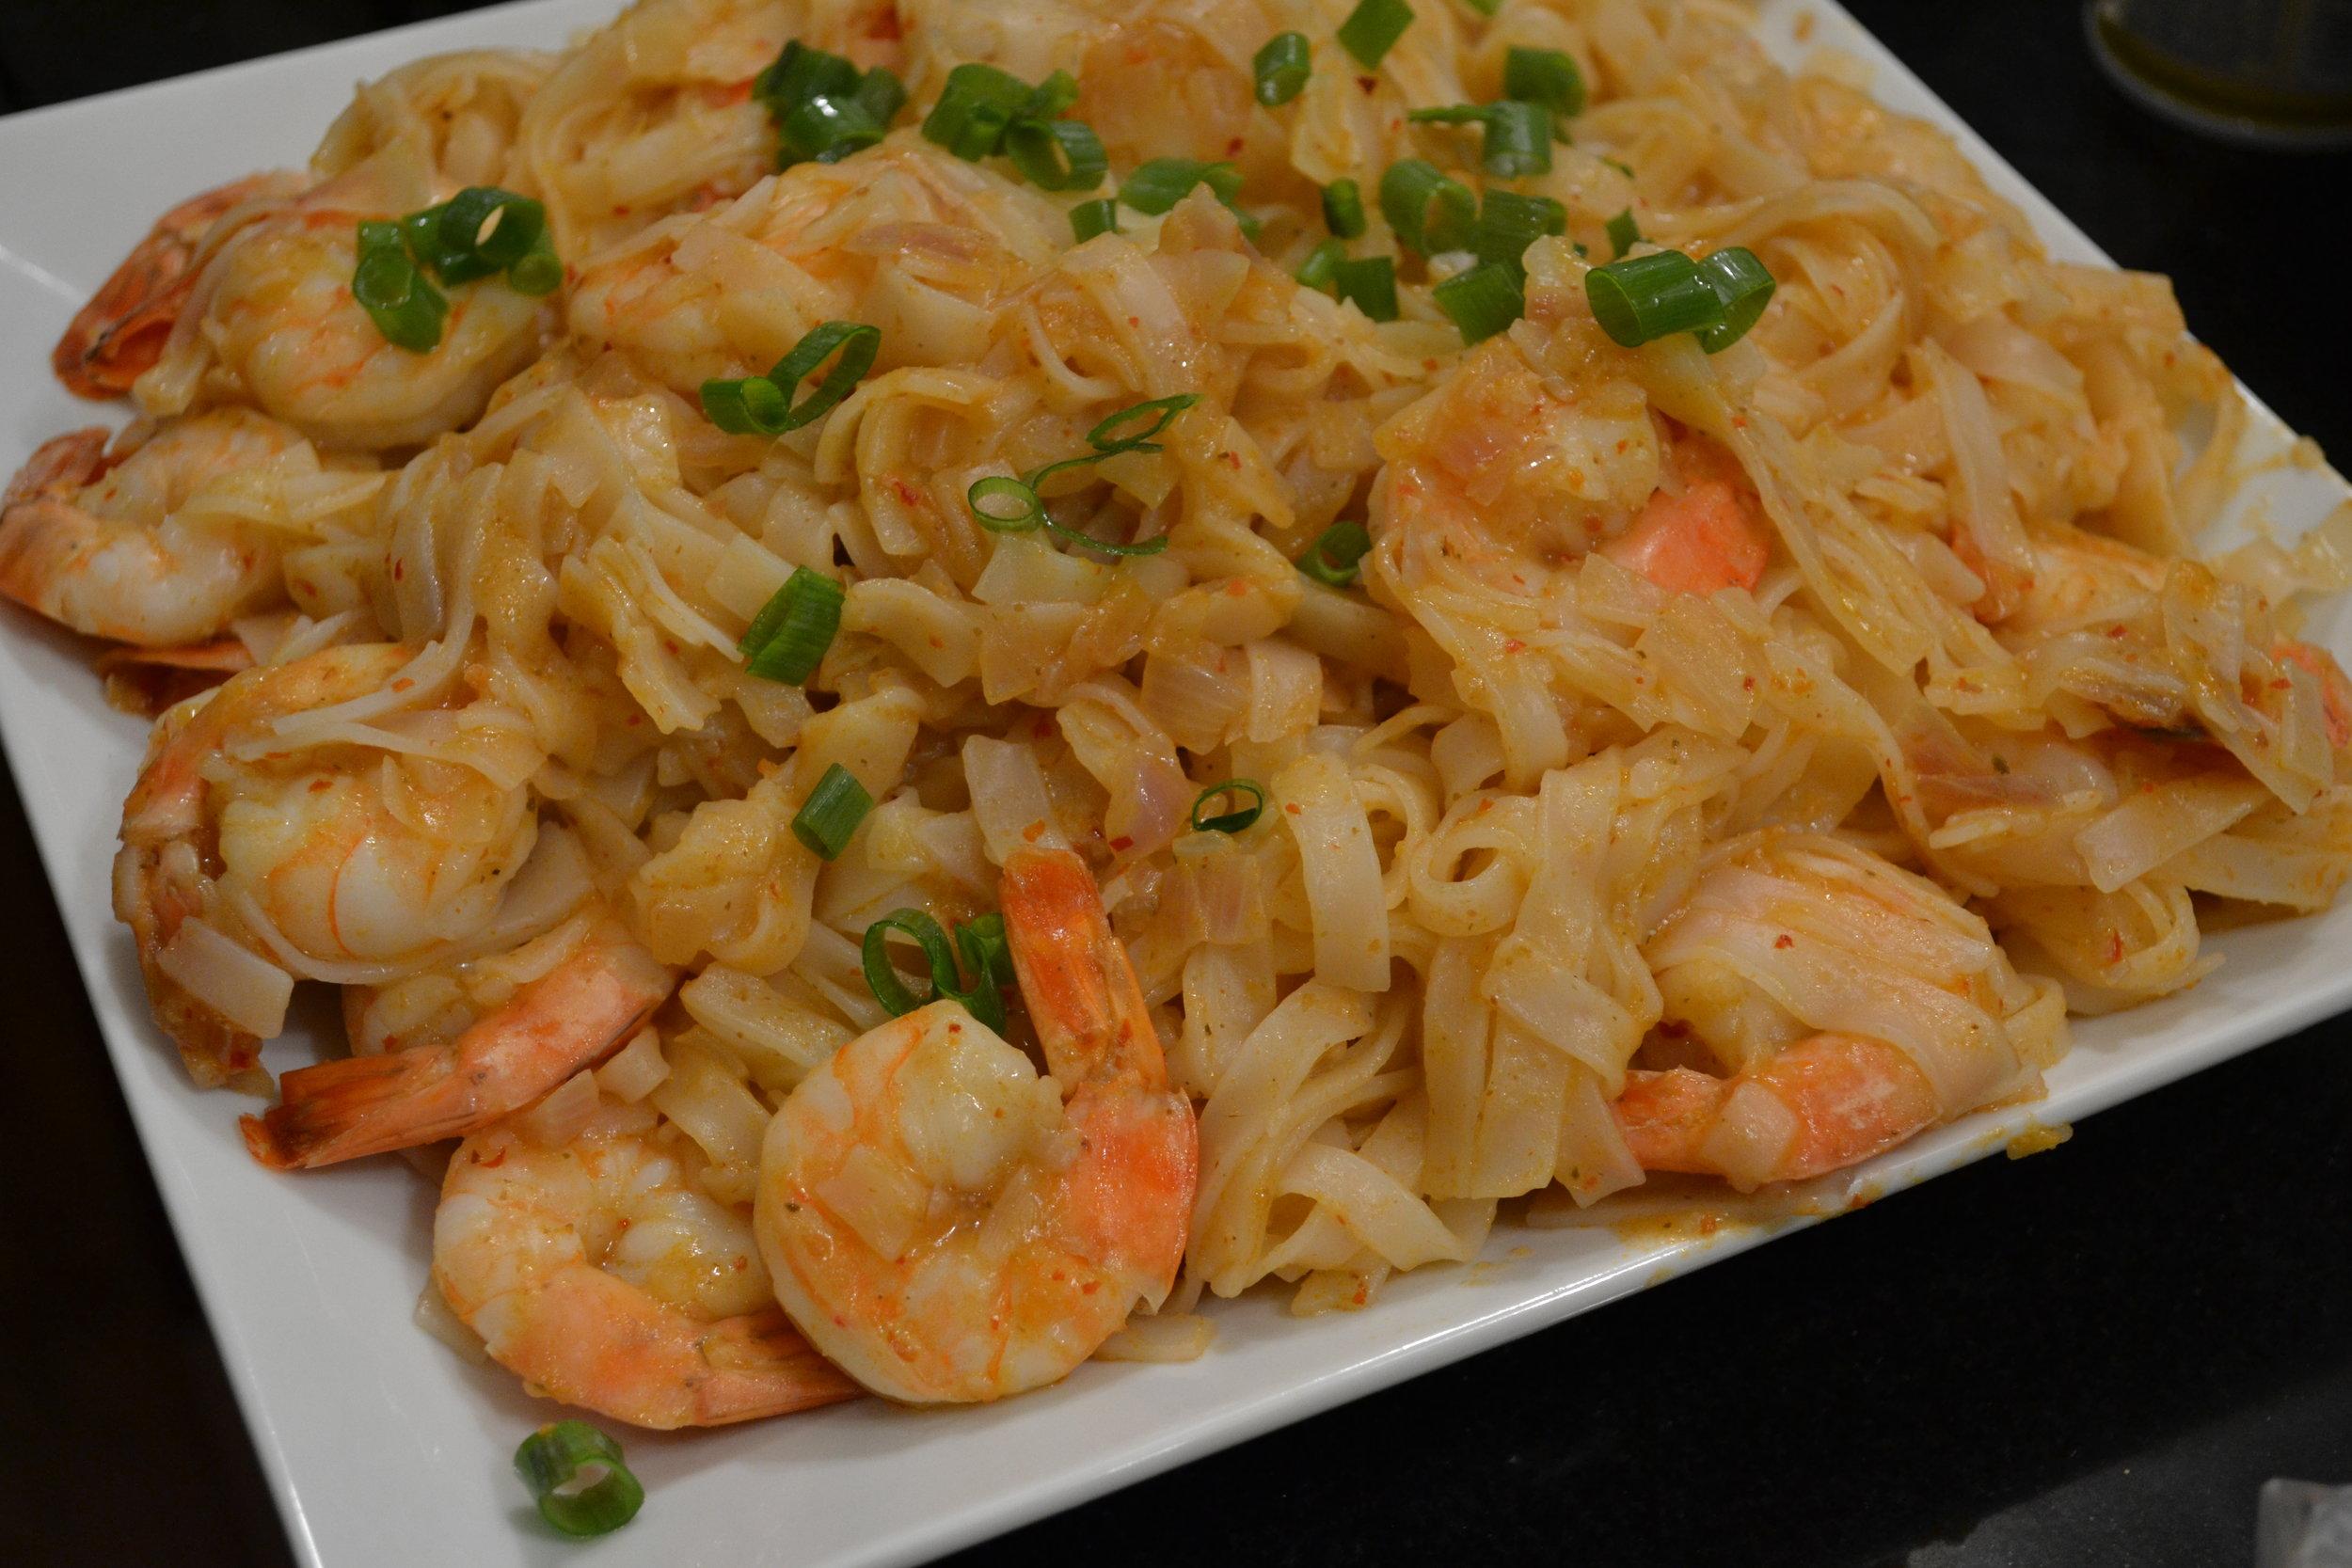 Lemon Grass Shrimp & Noodles